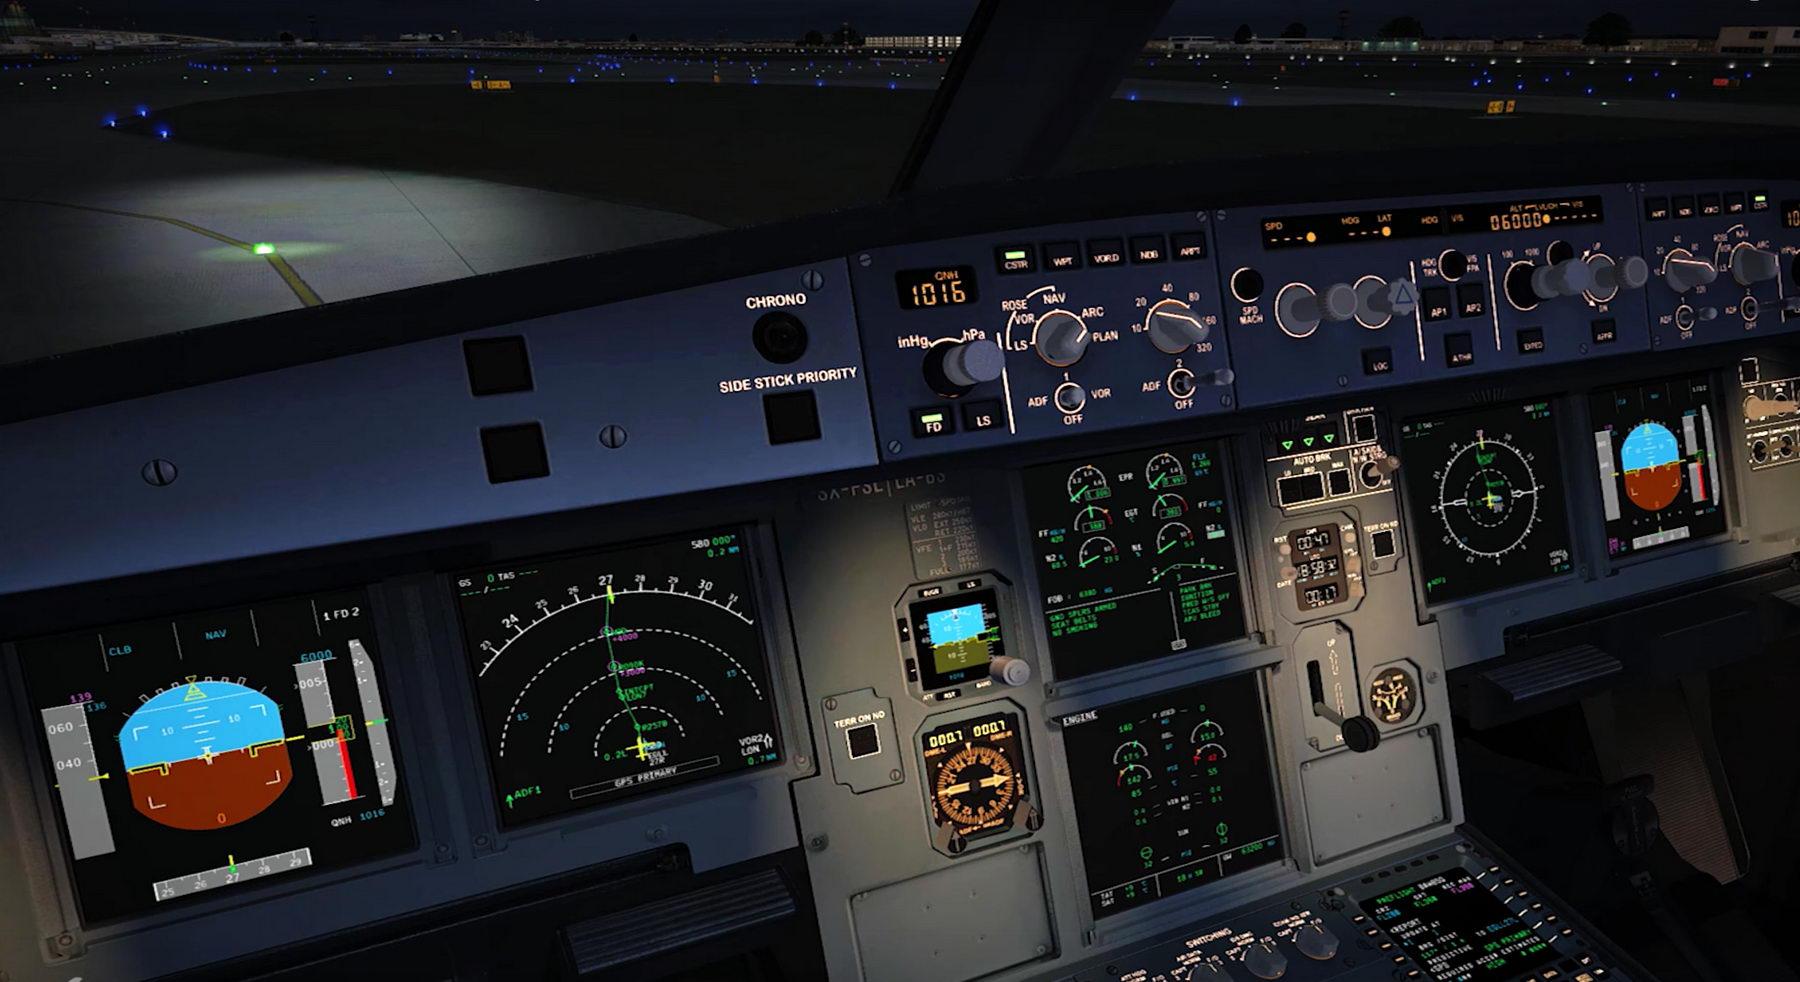 Компания, производящая моды для Microsoft Flight Simulator X, тайно собирала пароли пользователей